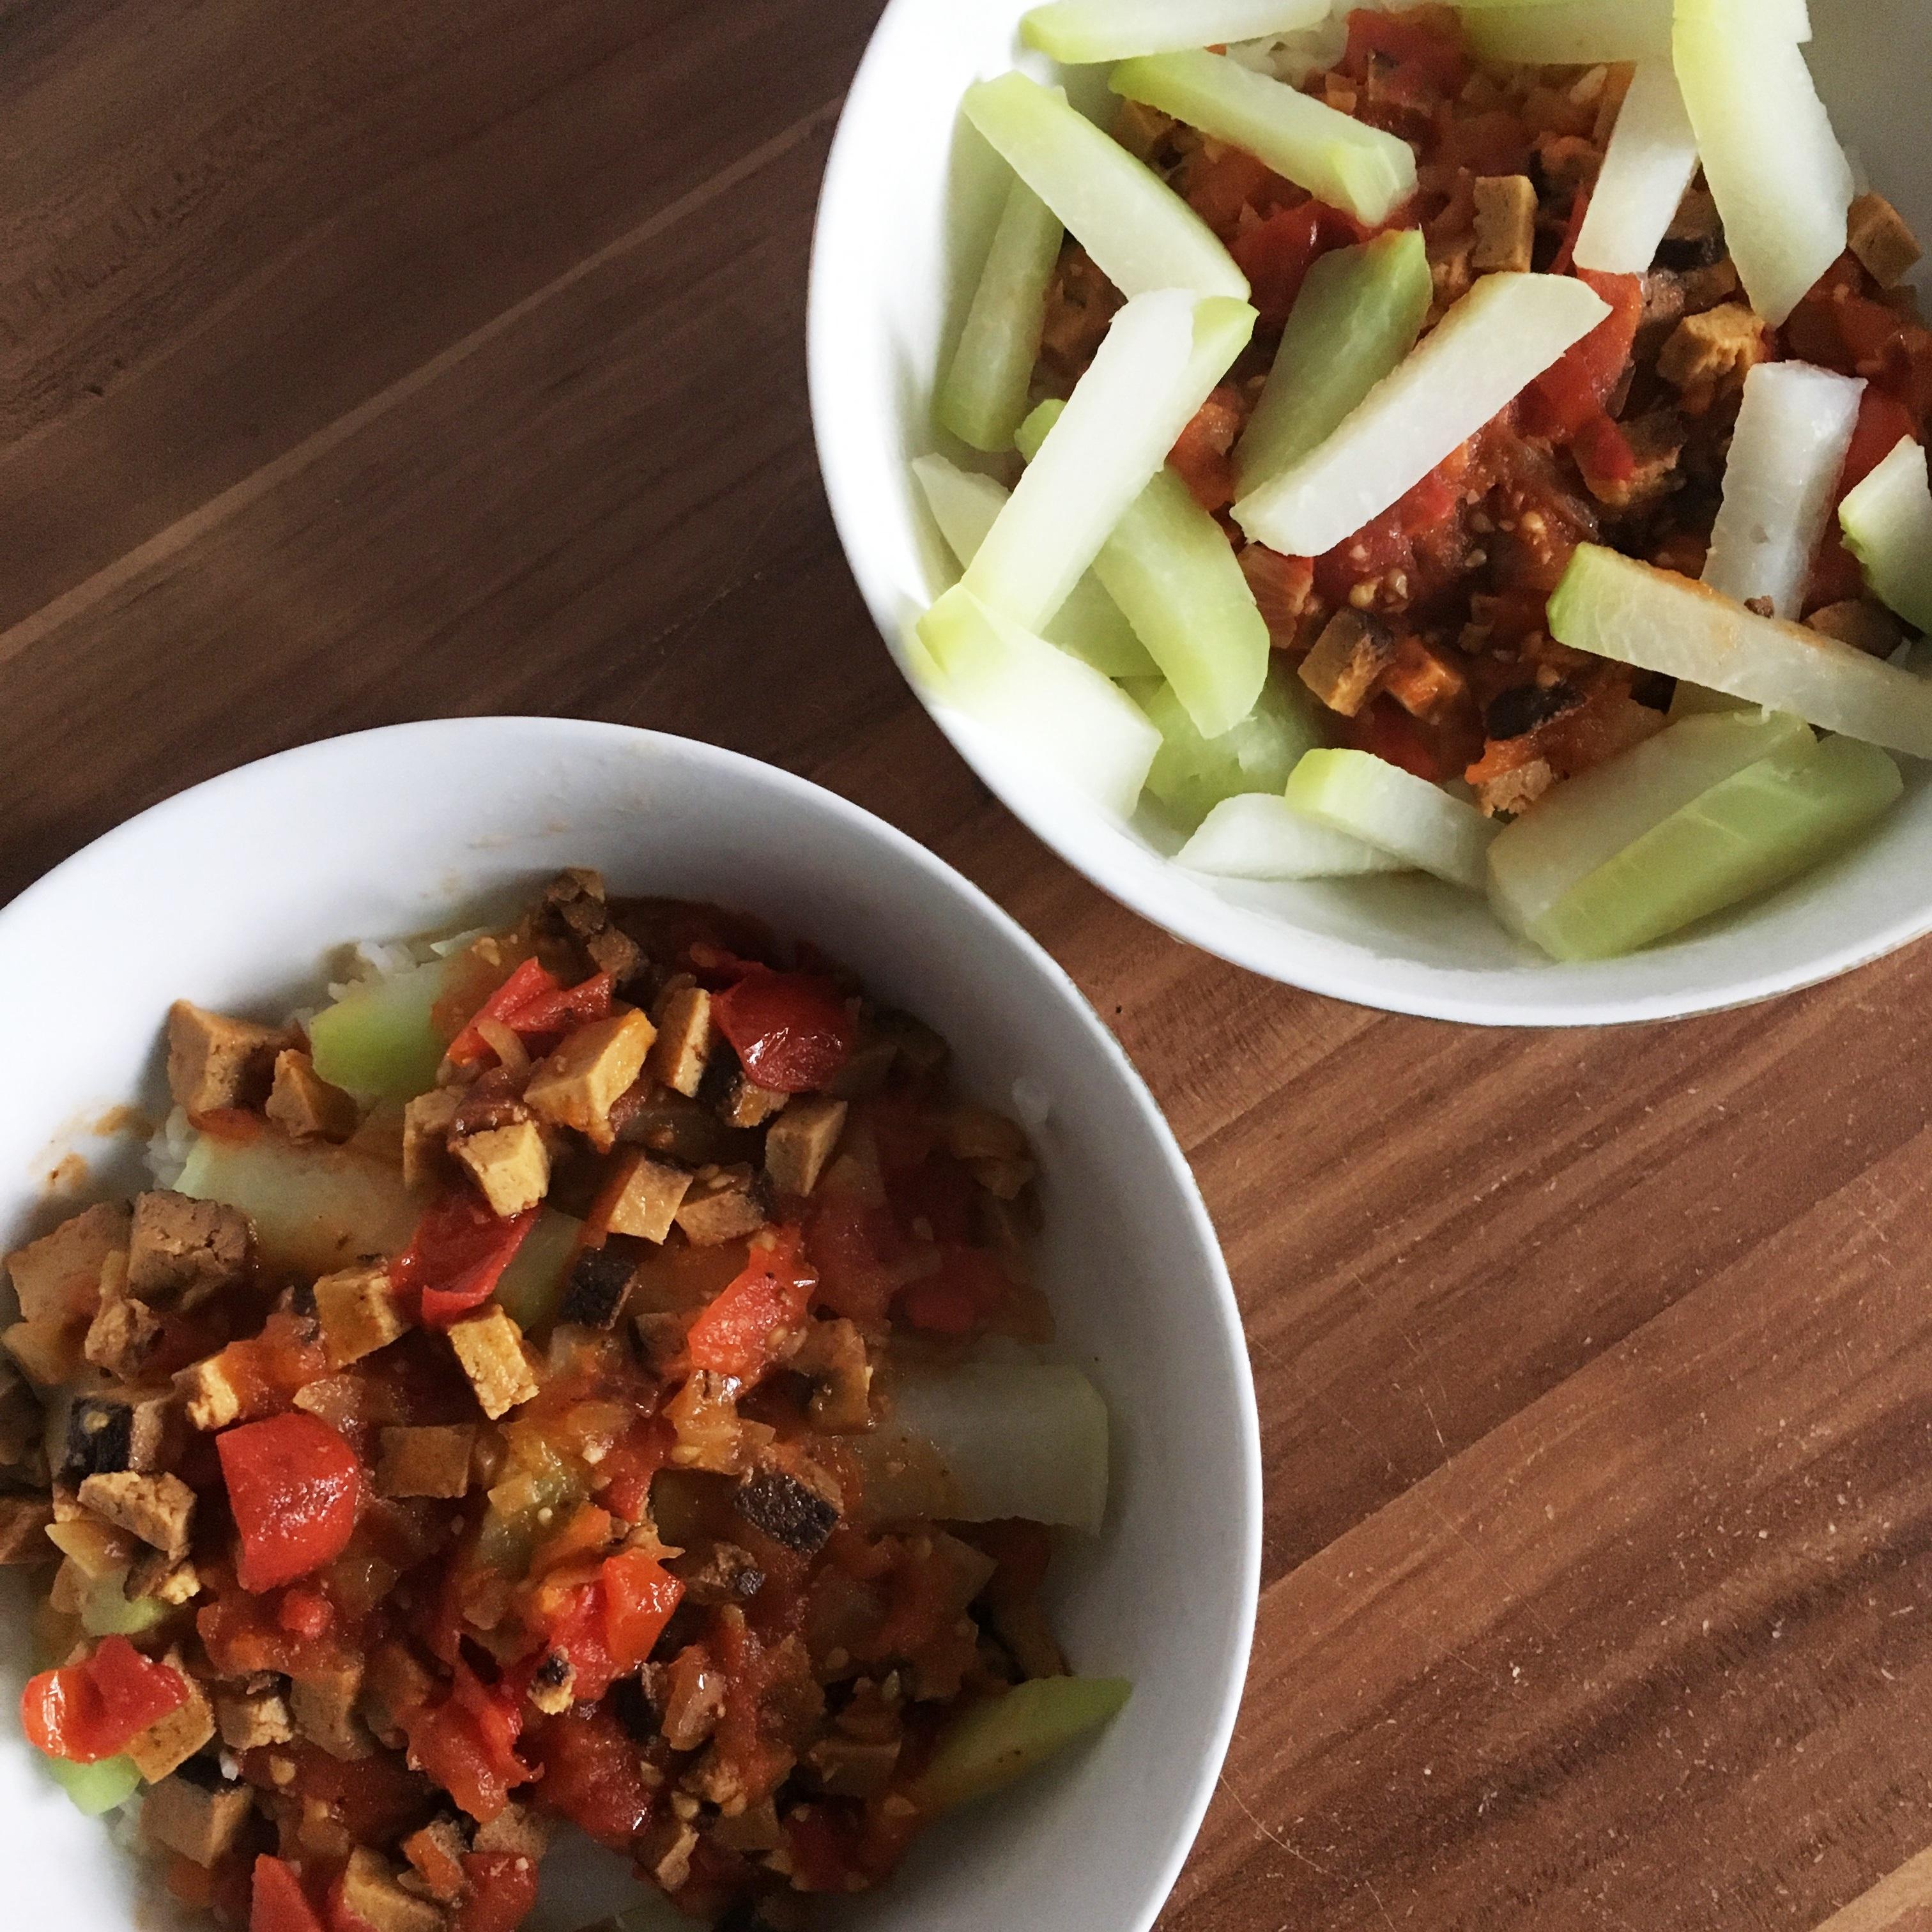 Rezept: Reis mit Kohlrabi, Tofu und Tomatensoße